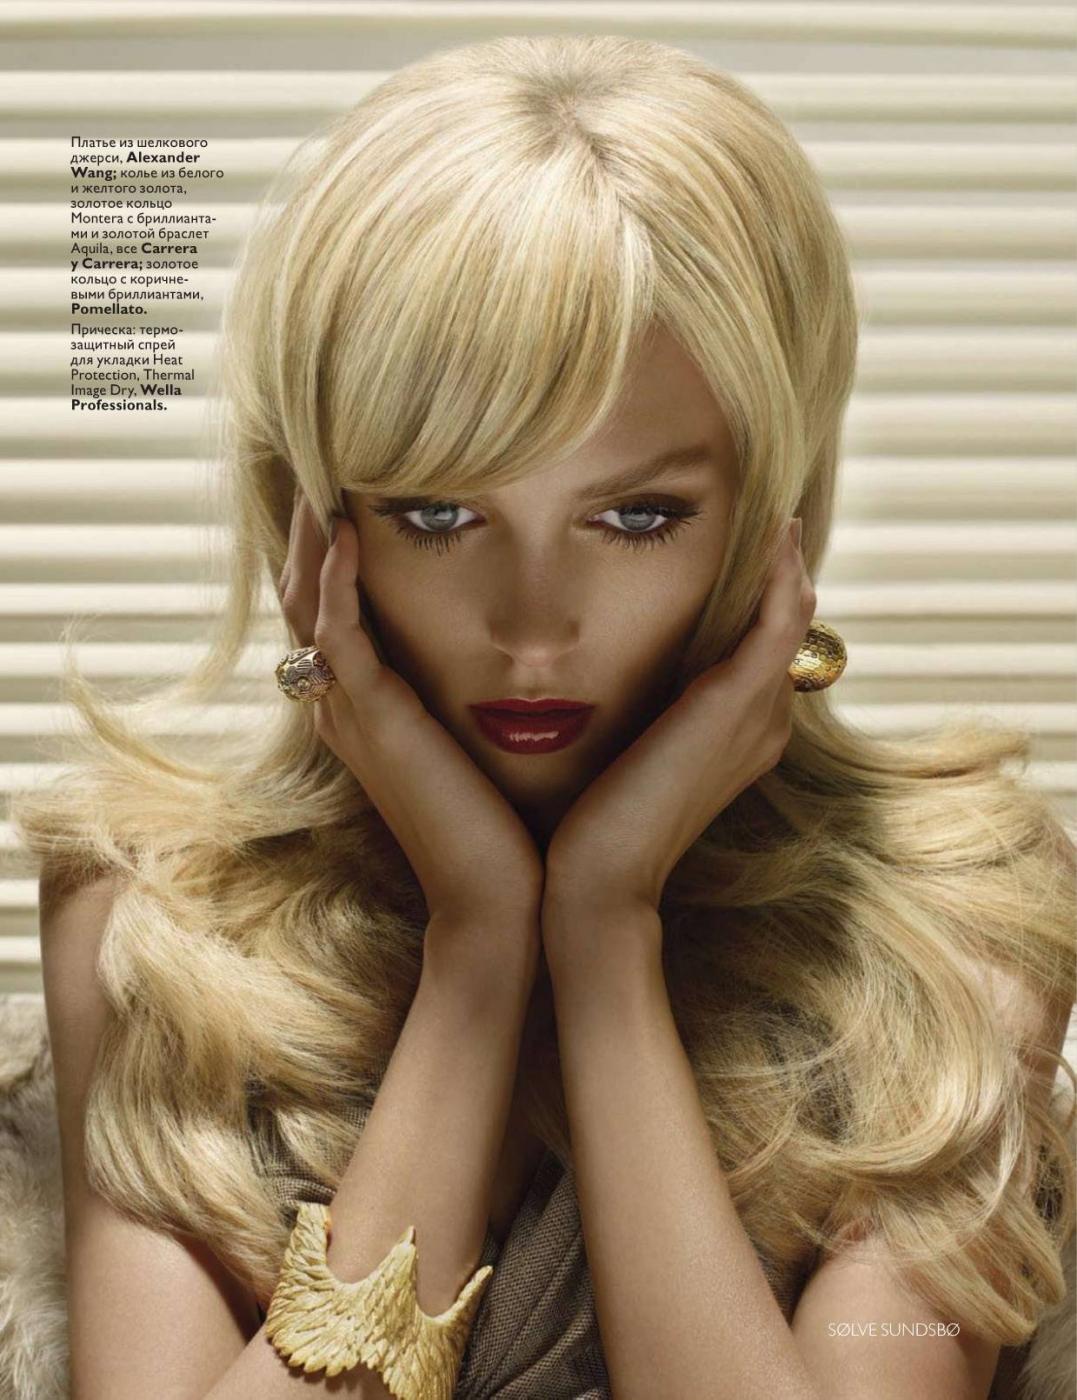 http://2.bp.blogspot.com/_RWf4nPHaPQA/TMiYEF1EjoI/AAAAAAAAALg/JJyz2CW0whg/s1600/barbie%2Bhair.jpg